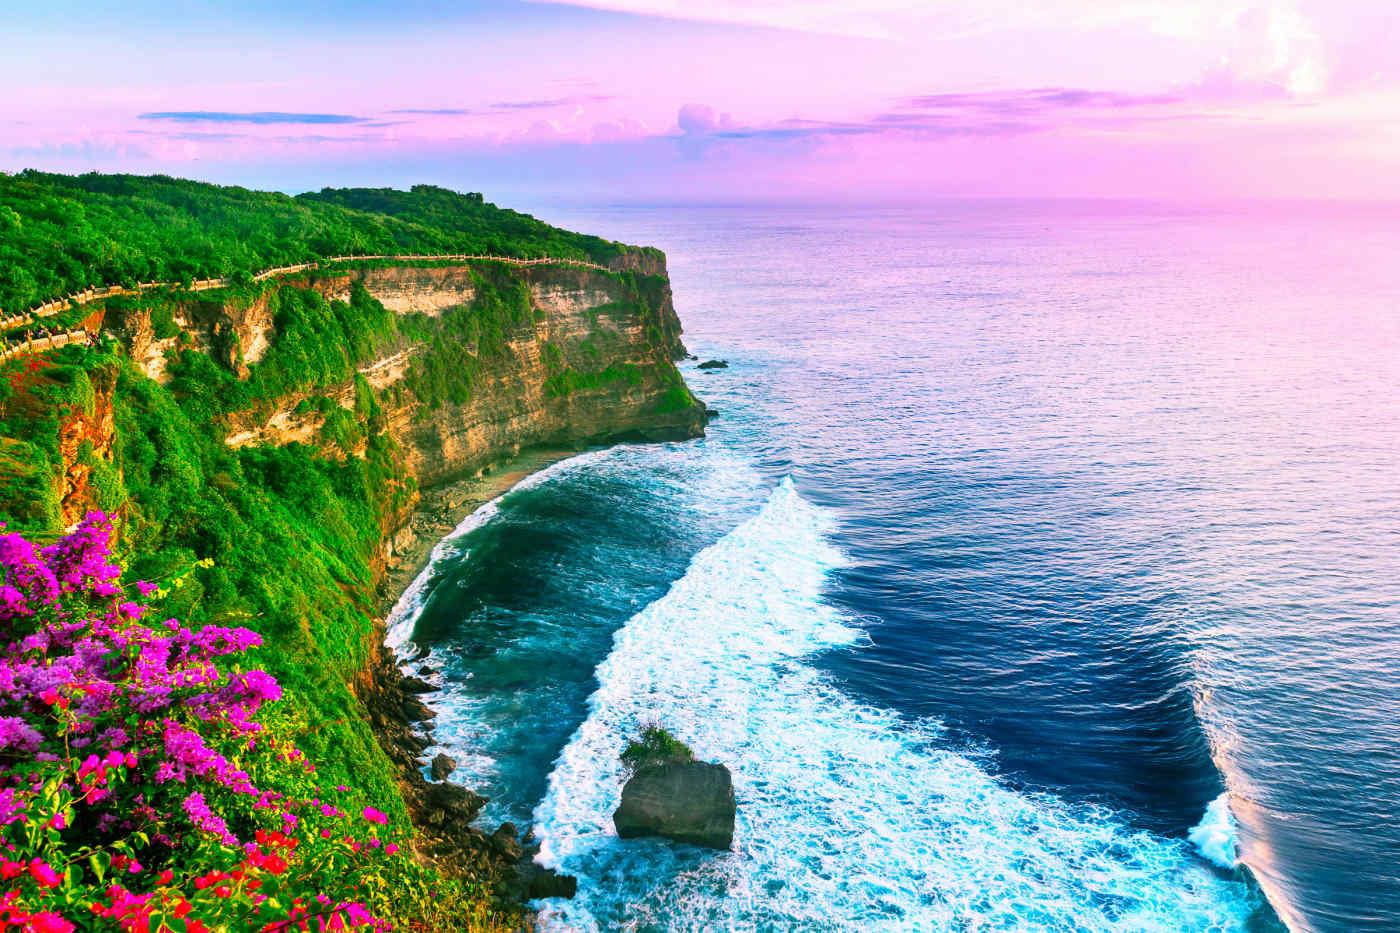 Uluwatu Cliff • Uluwatu